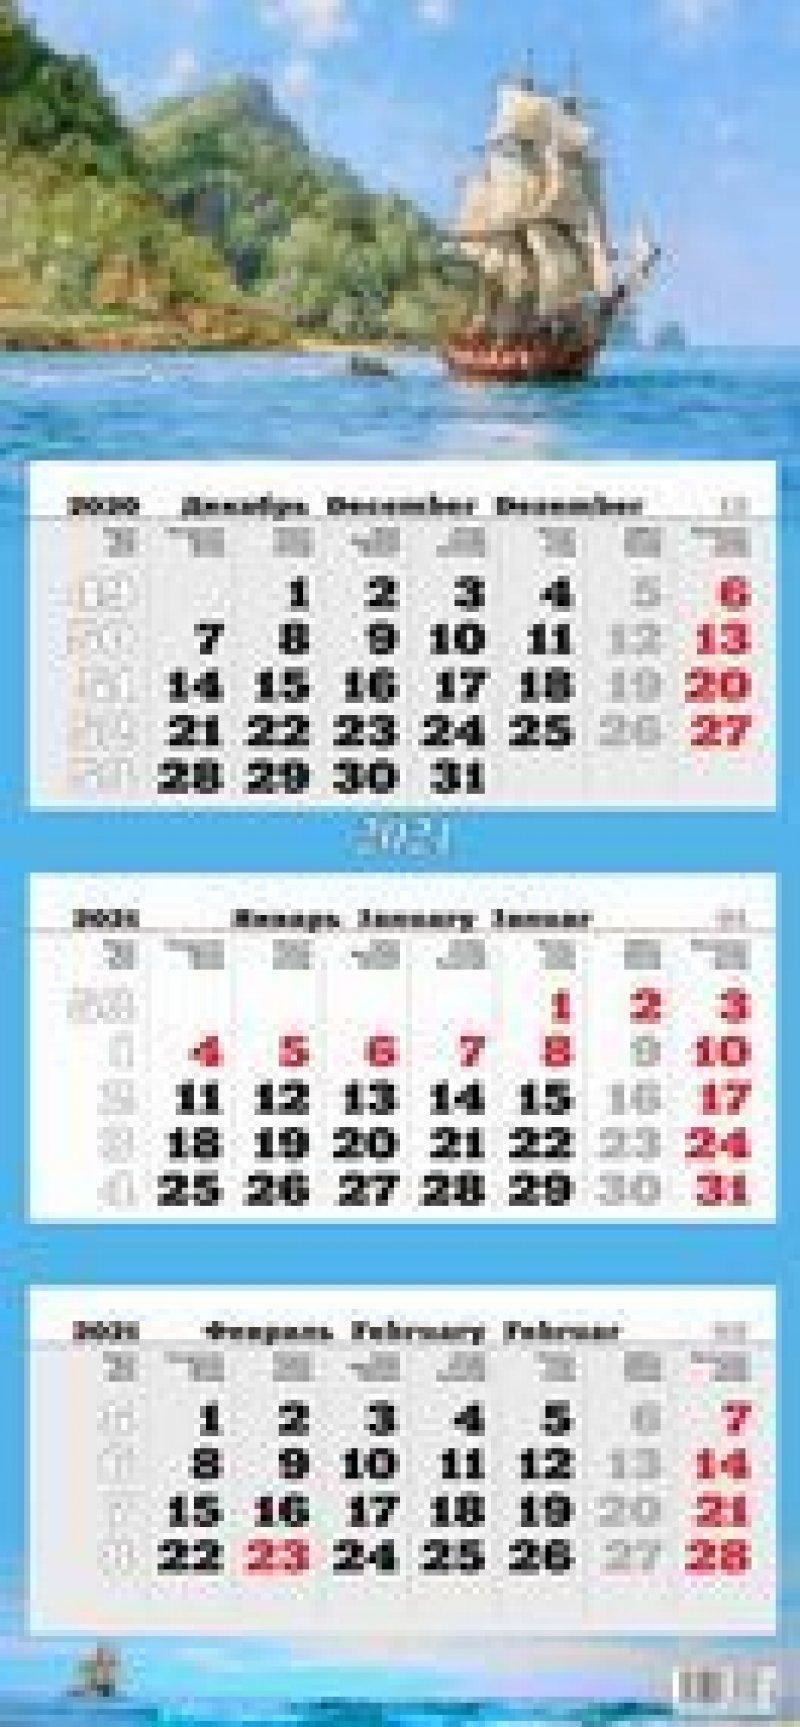 Календарь настенный 2021г 3-х блочный квартальный Парусник  на единой подложке